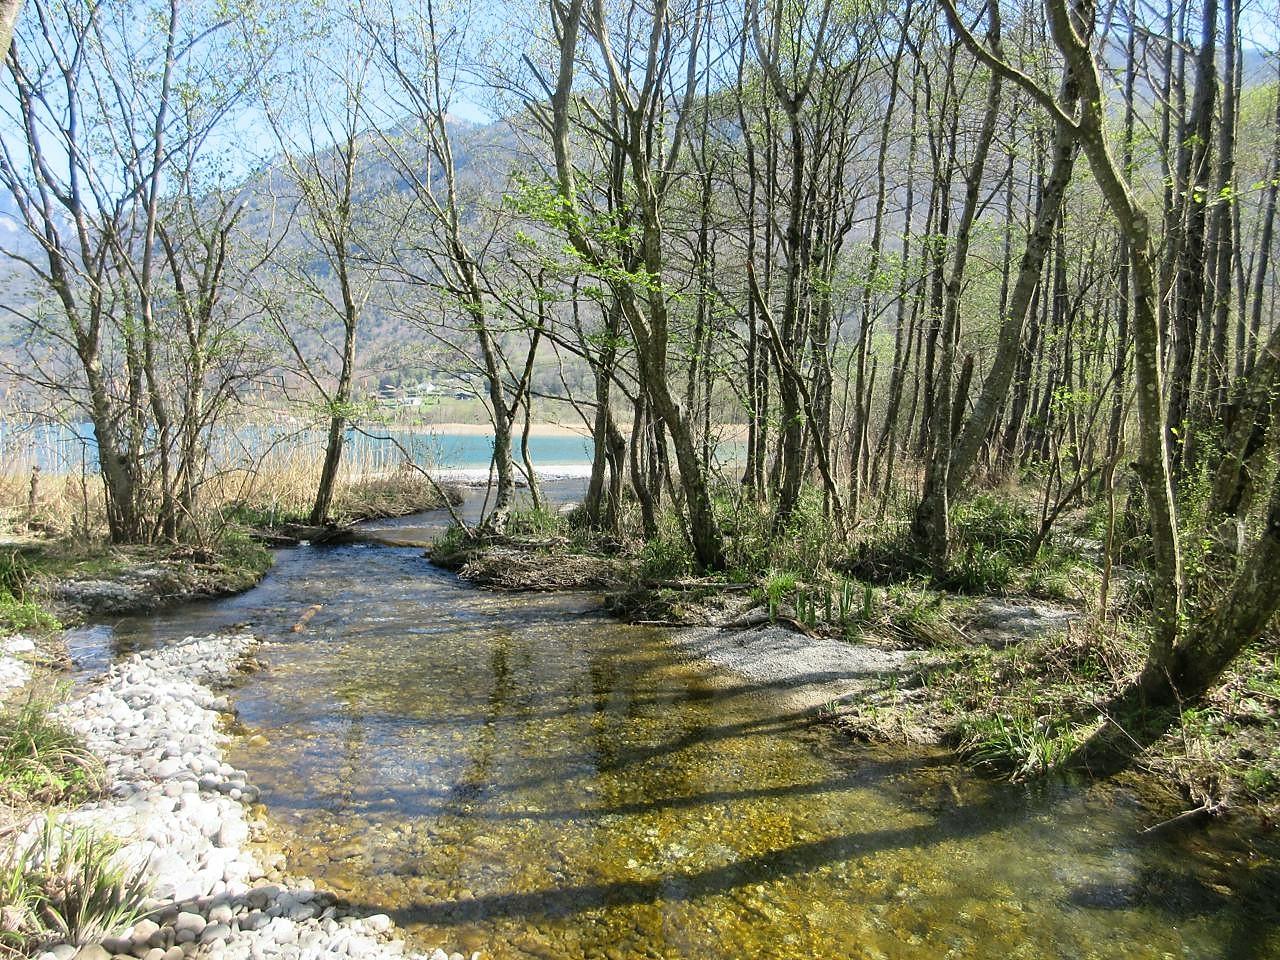 L'Ire à son embouchure sur le lac